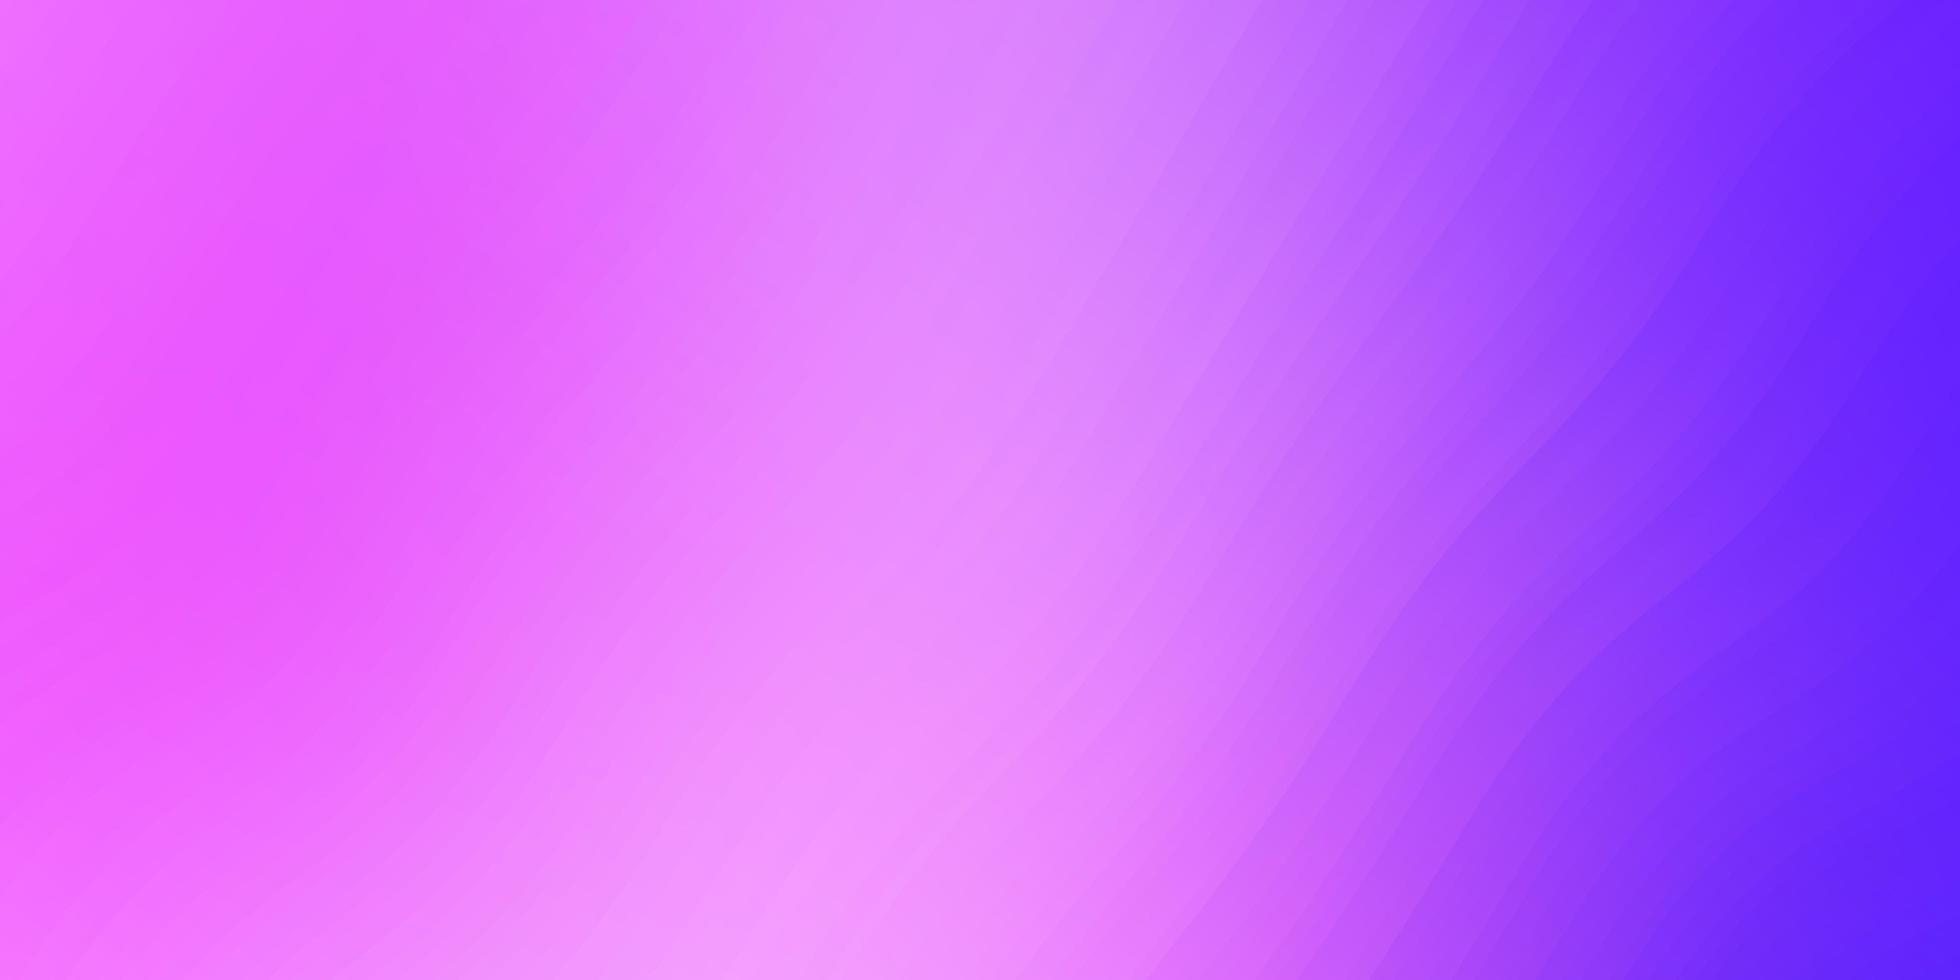 lichtpaarse vectorlay-out met wrange lijnen. vector